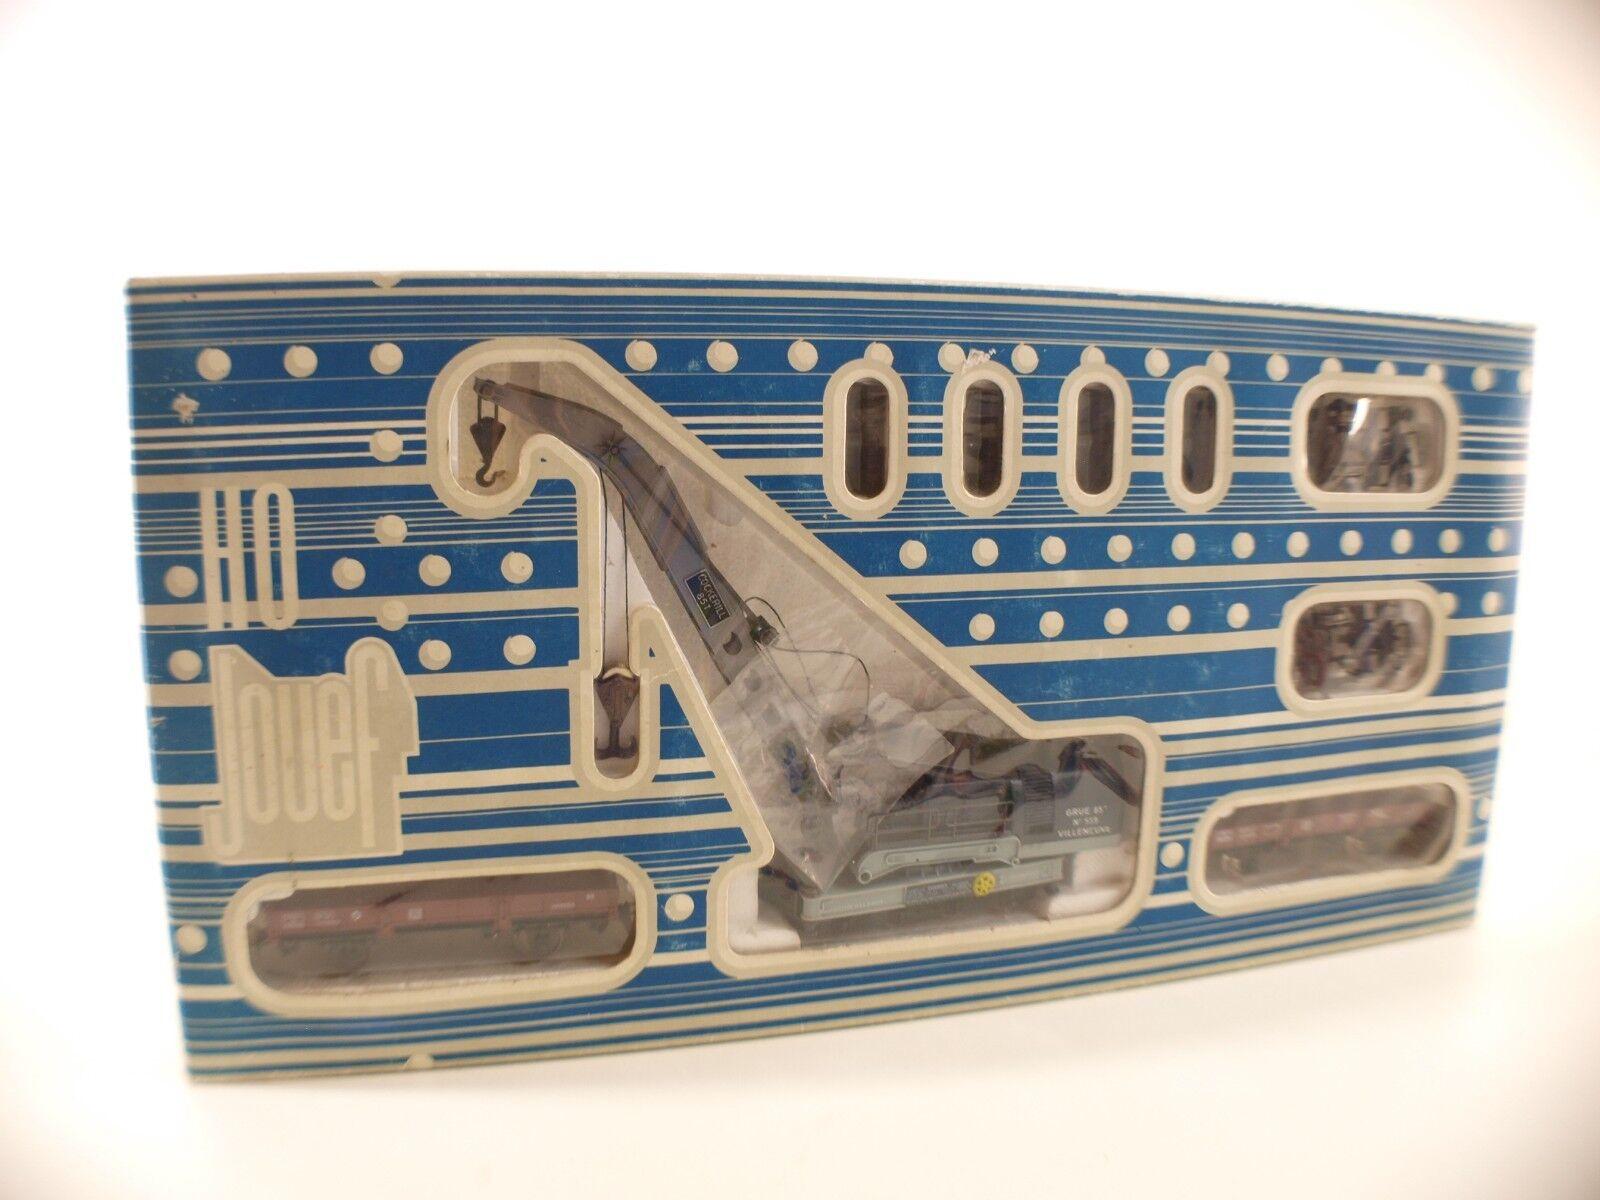 Jouef Ho N º 6963 Caja Tren Grúa Villeneuve Cockerill 85t Nuevo Caja MIB